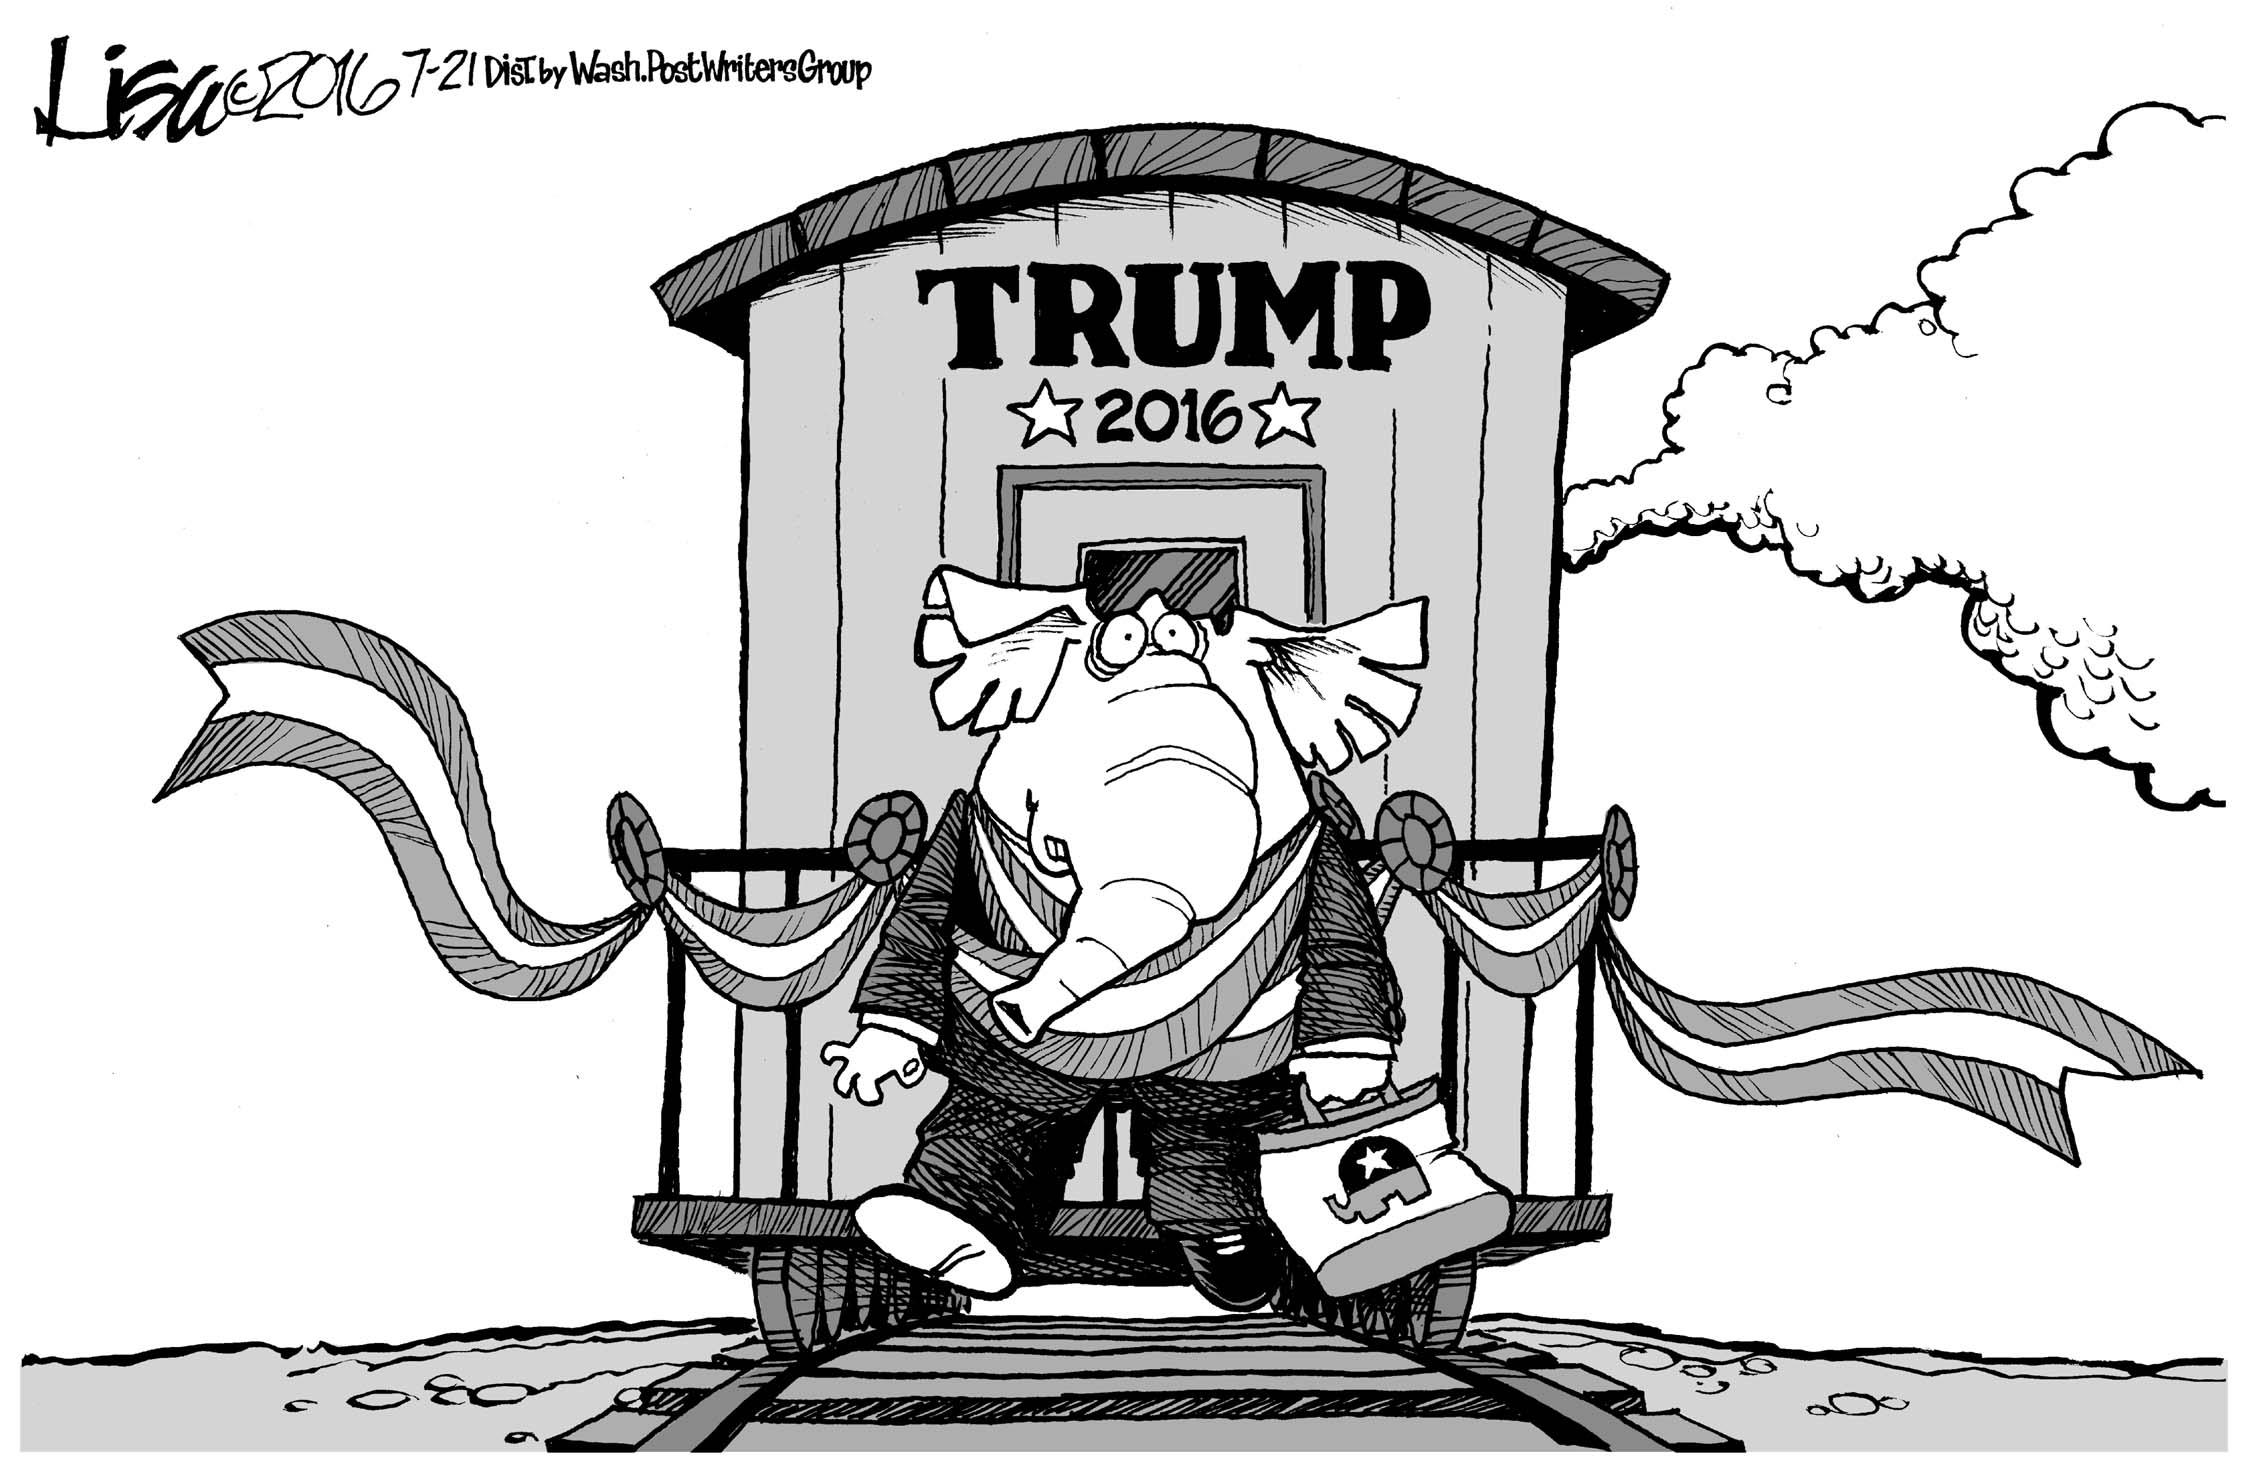 July 23: Trump Party